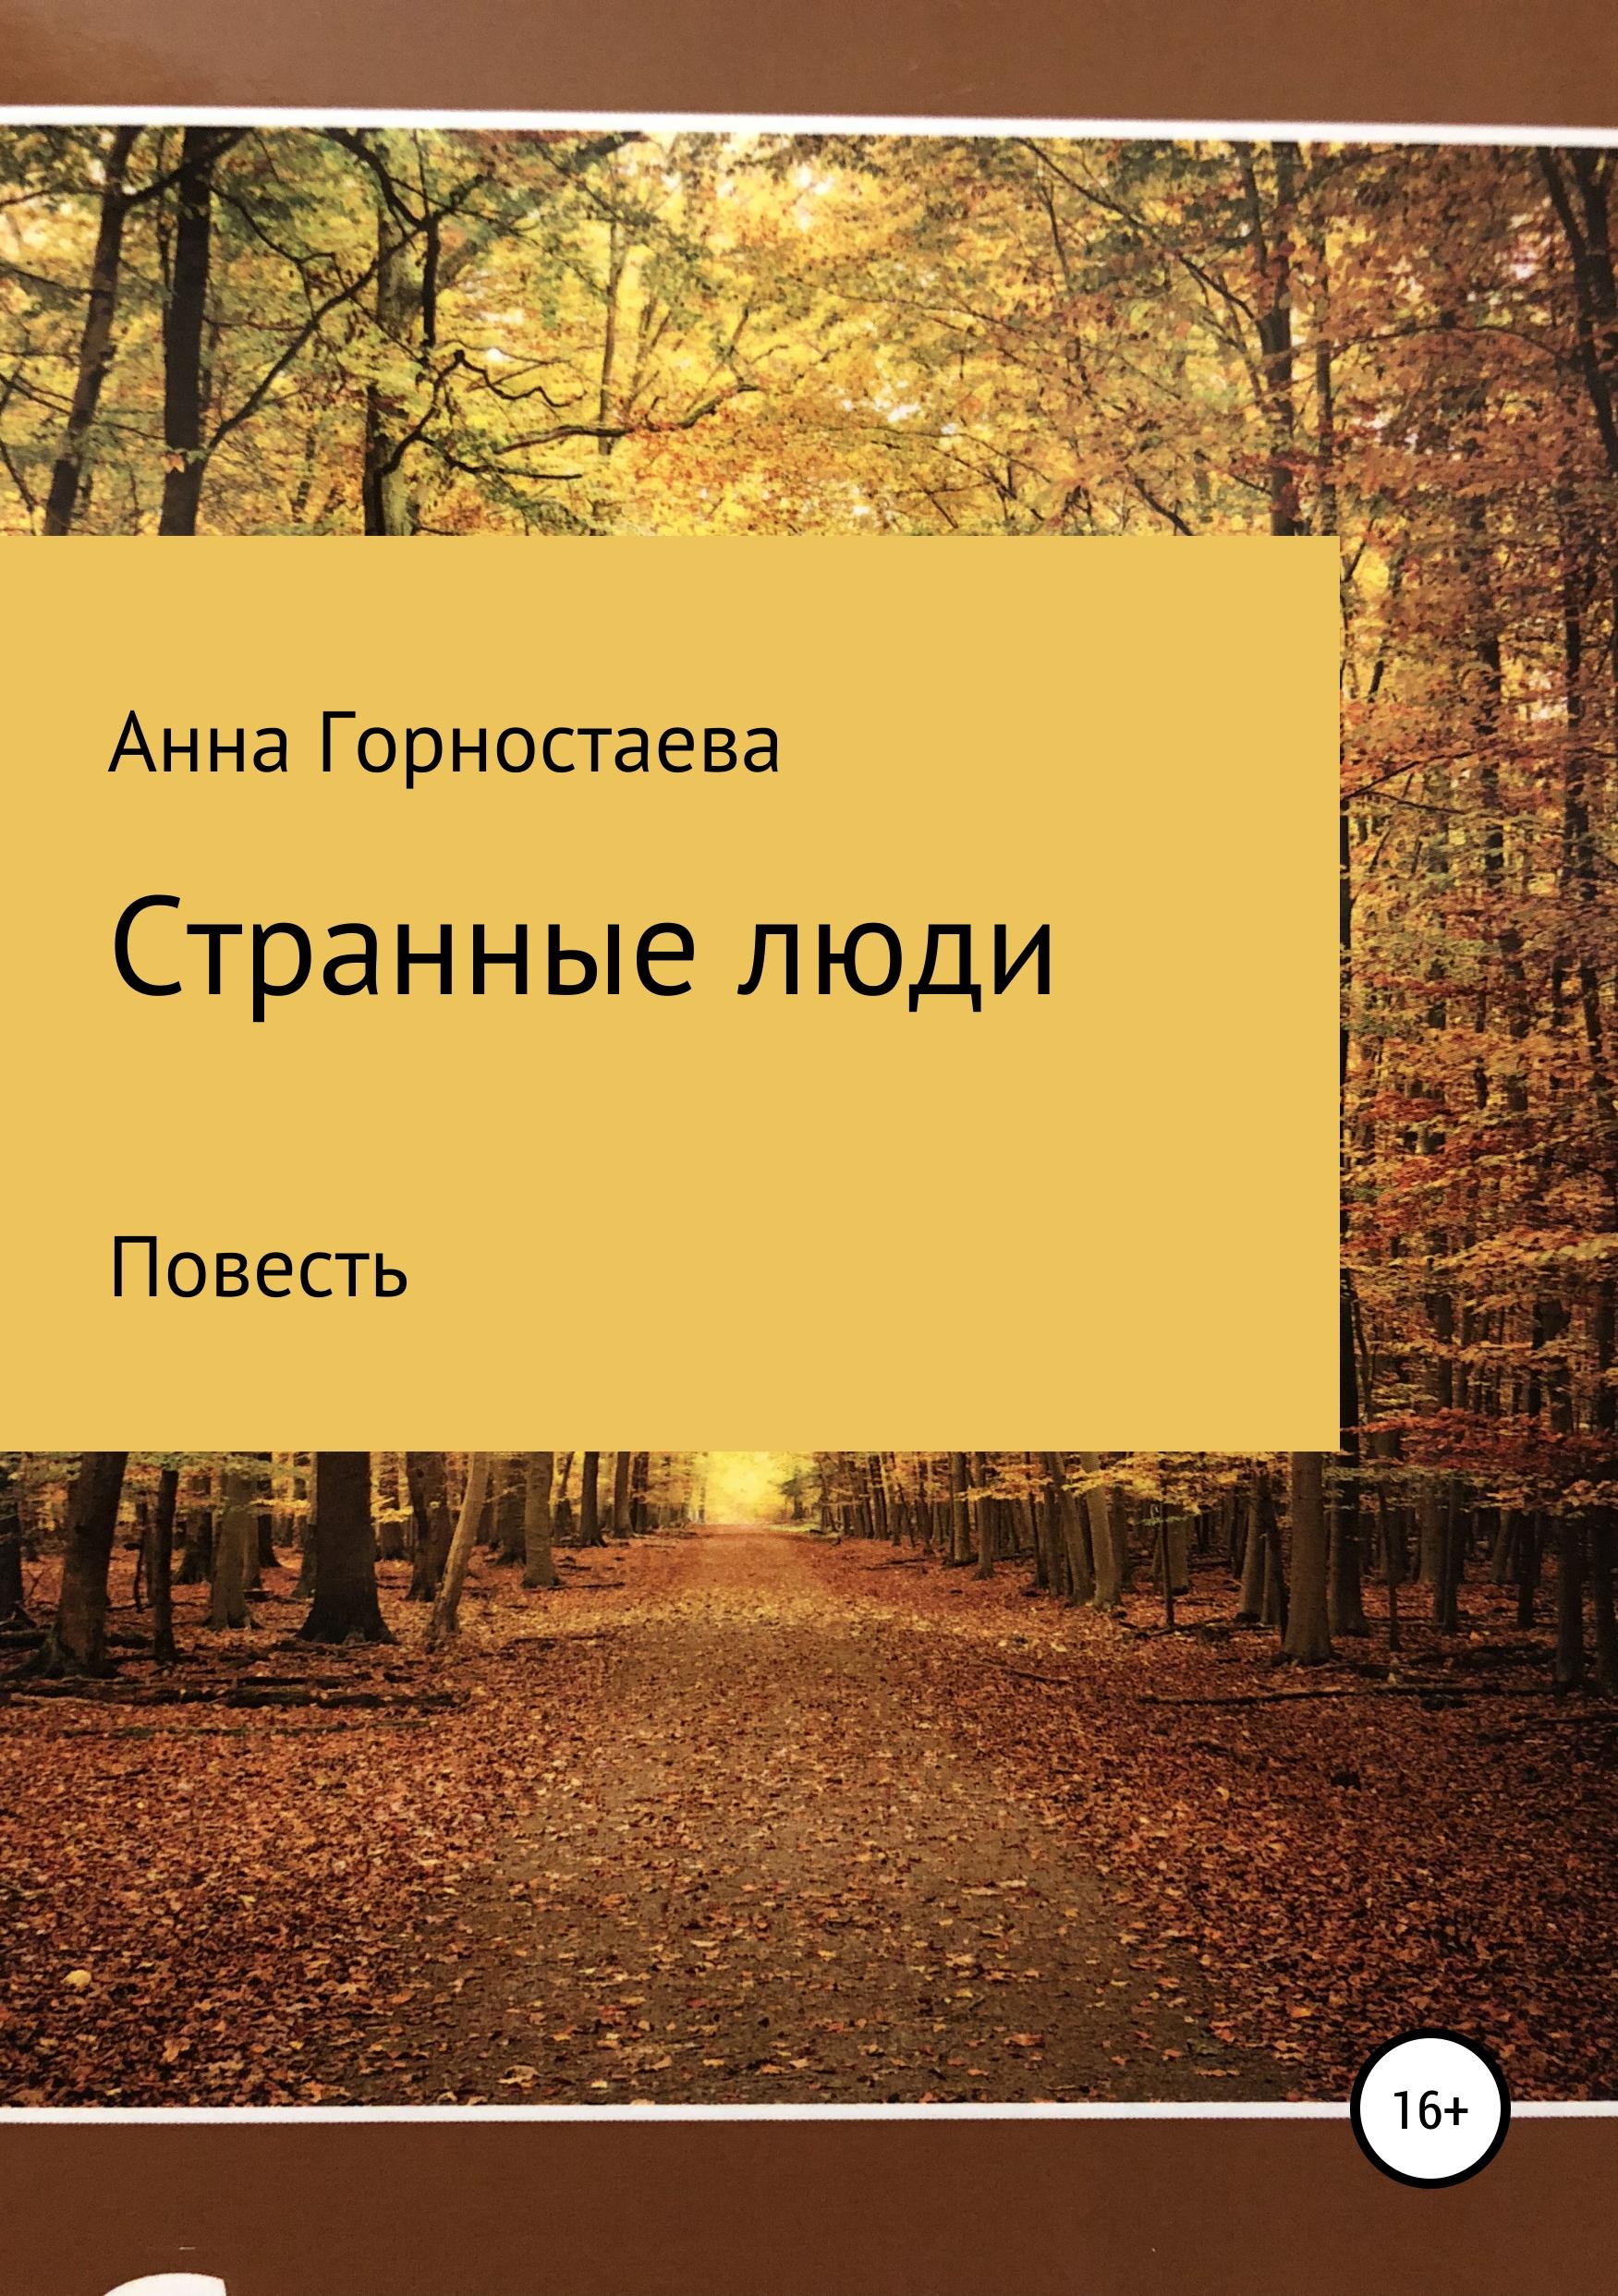 цена на Анна Алексеевна Горностаева Странные люди